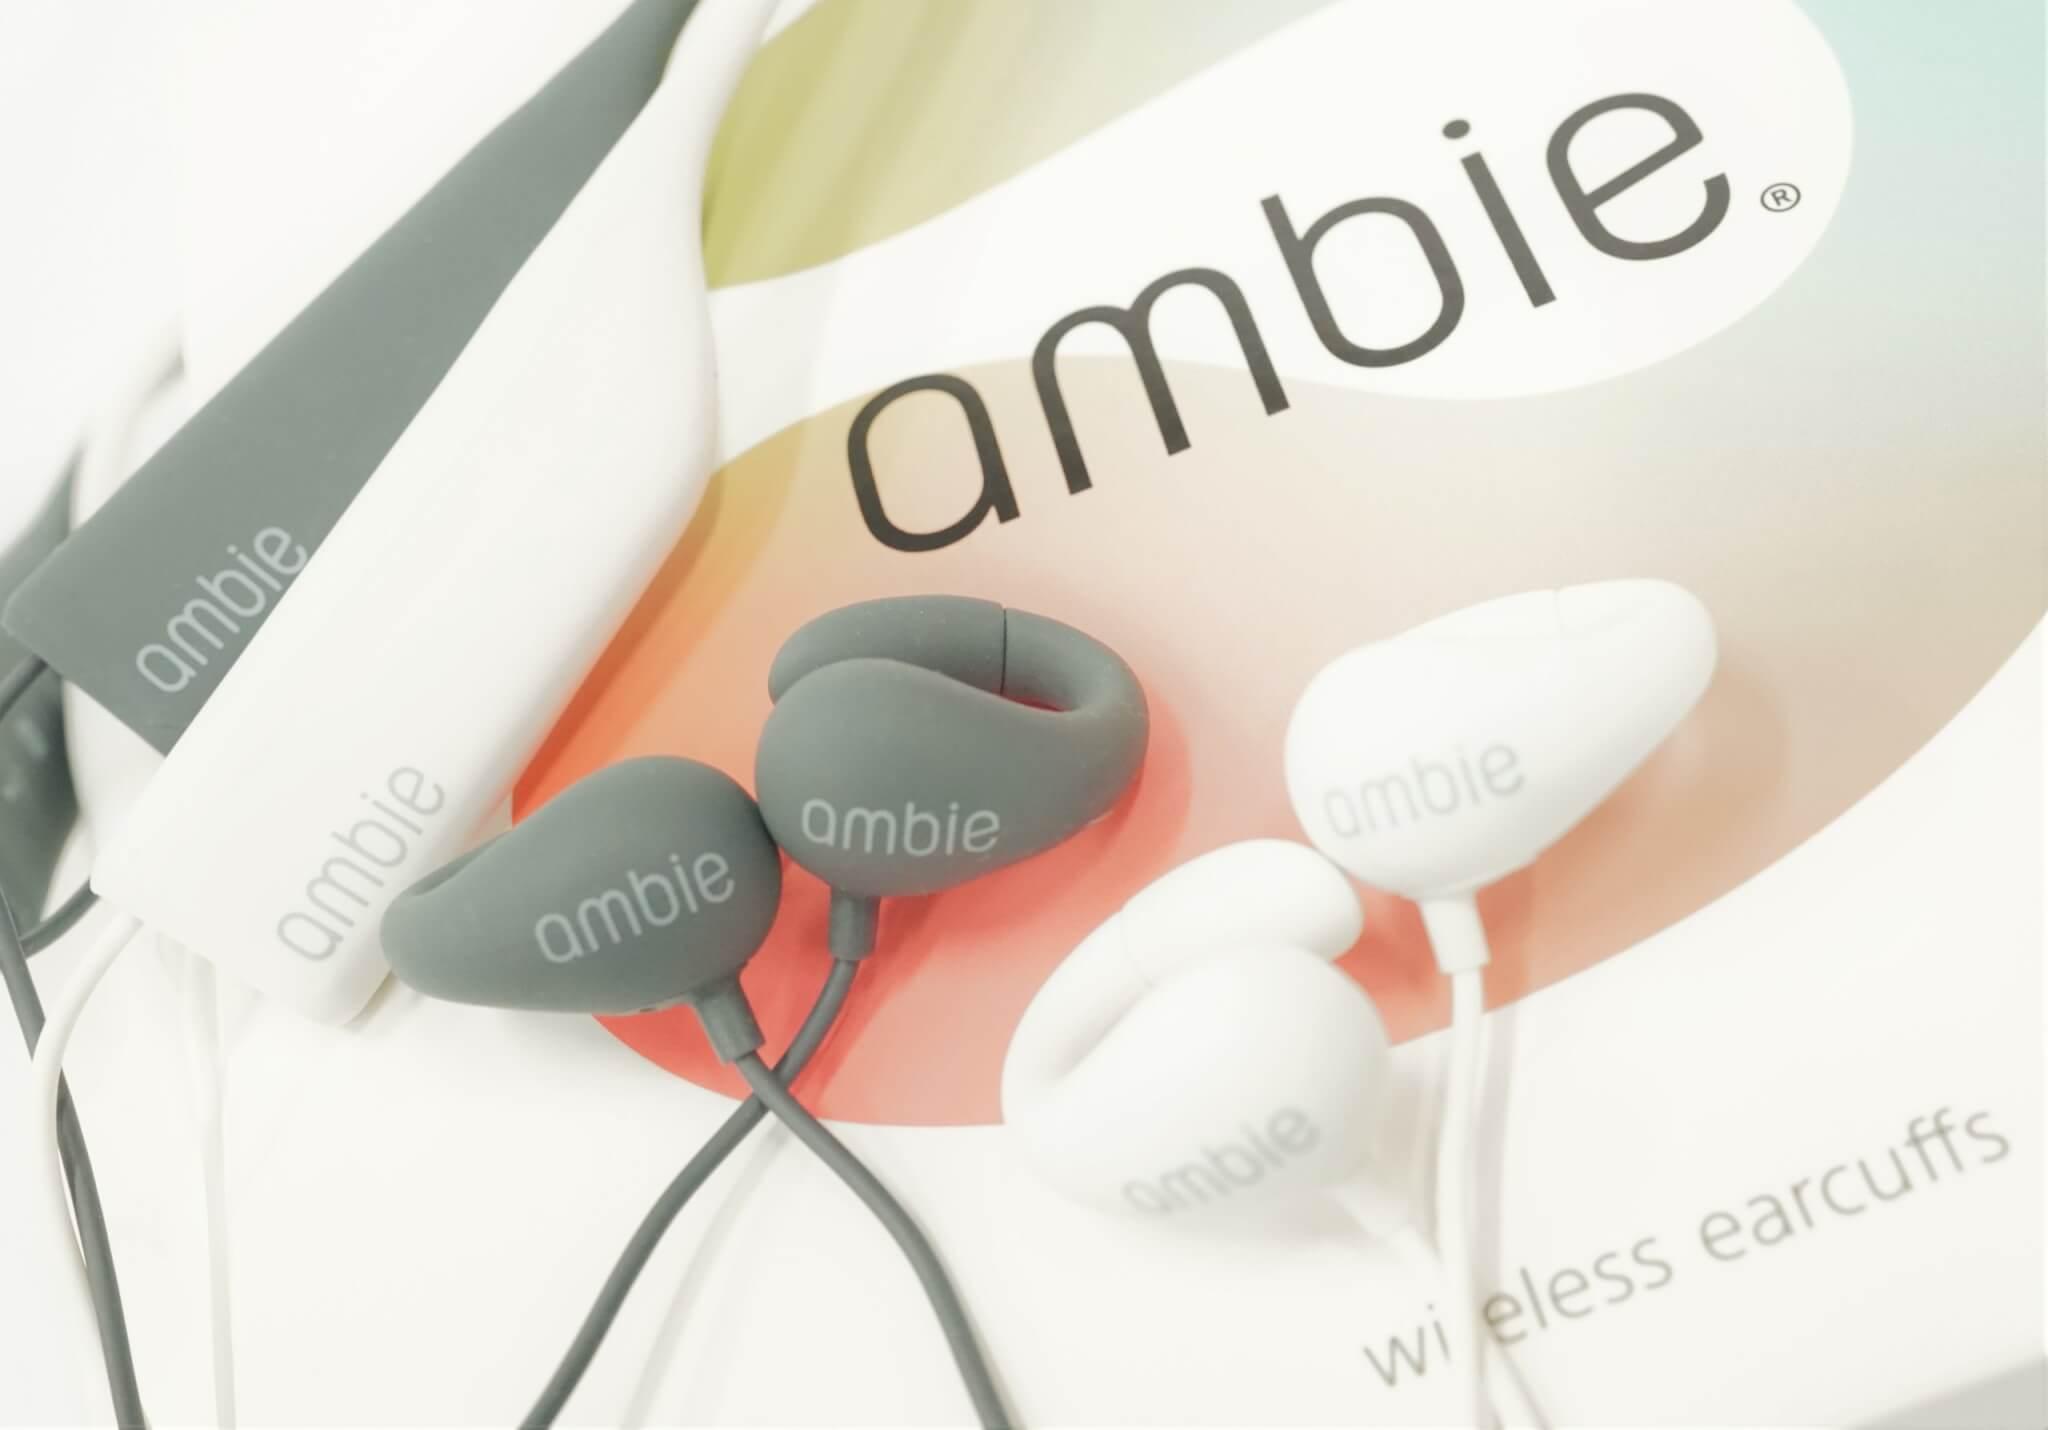 新感覚!耳を塞がないイヤホン「ambie ワイヤレスイヤカフ」をご紹介!ながら聴きに最適なデバイス